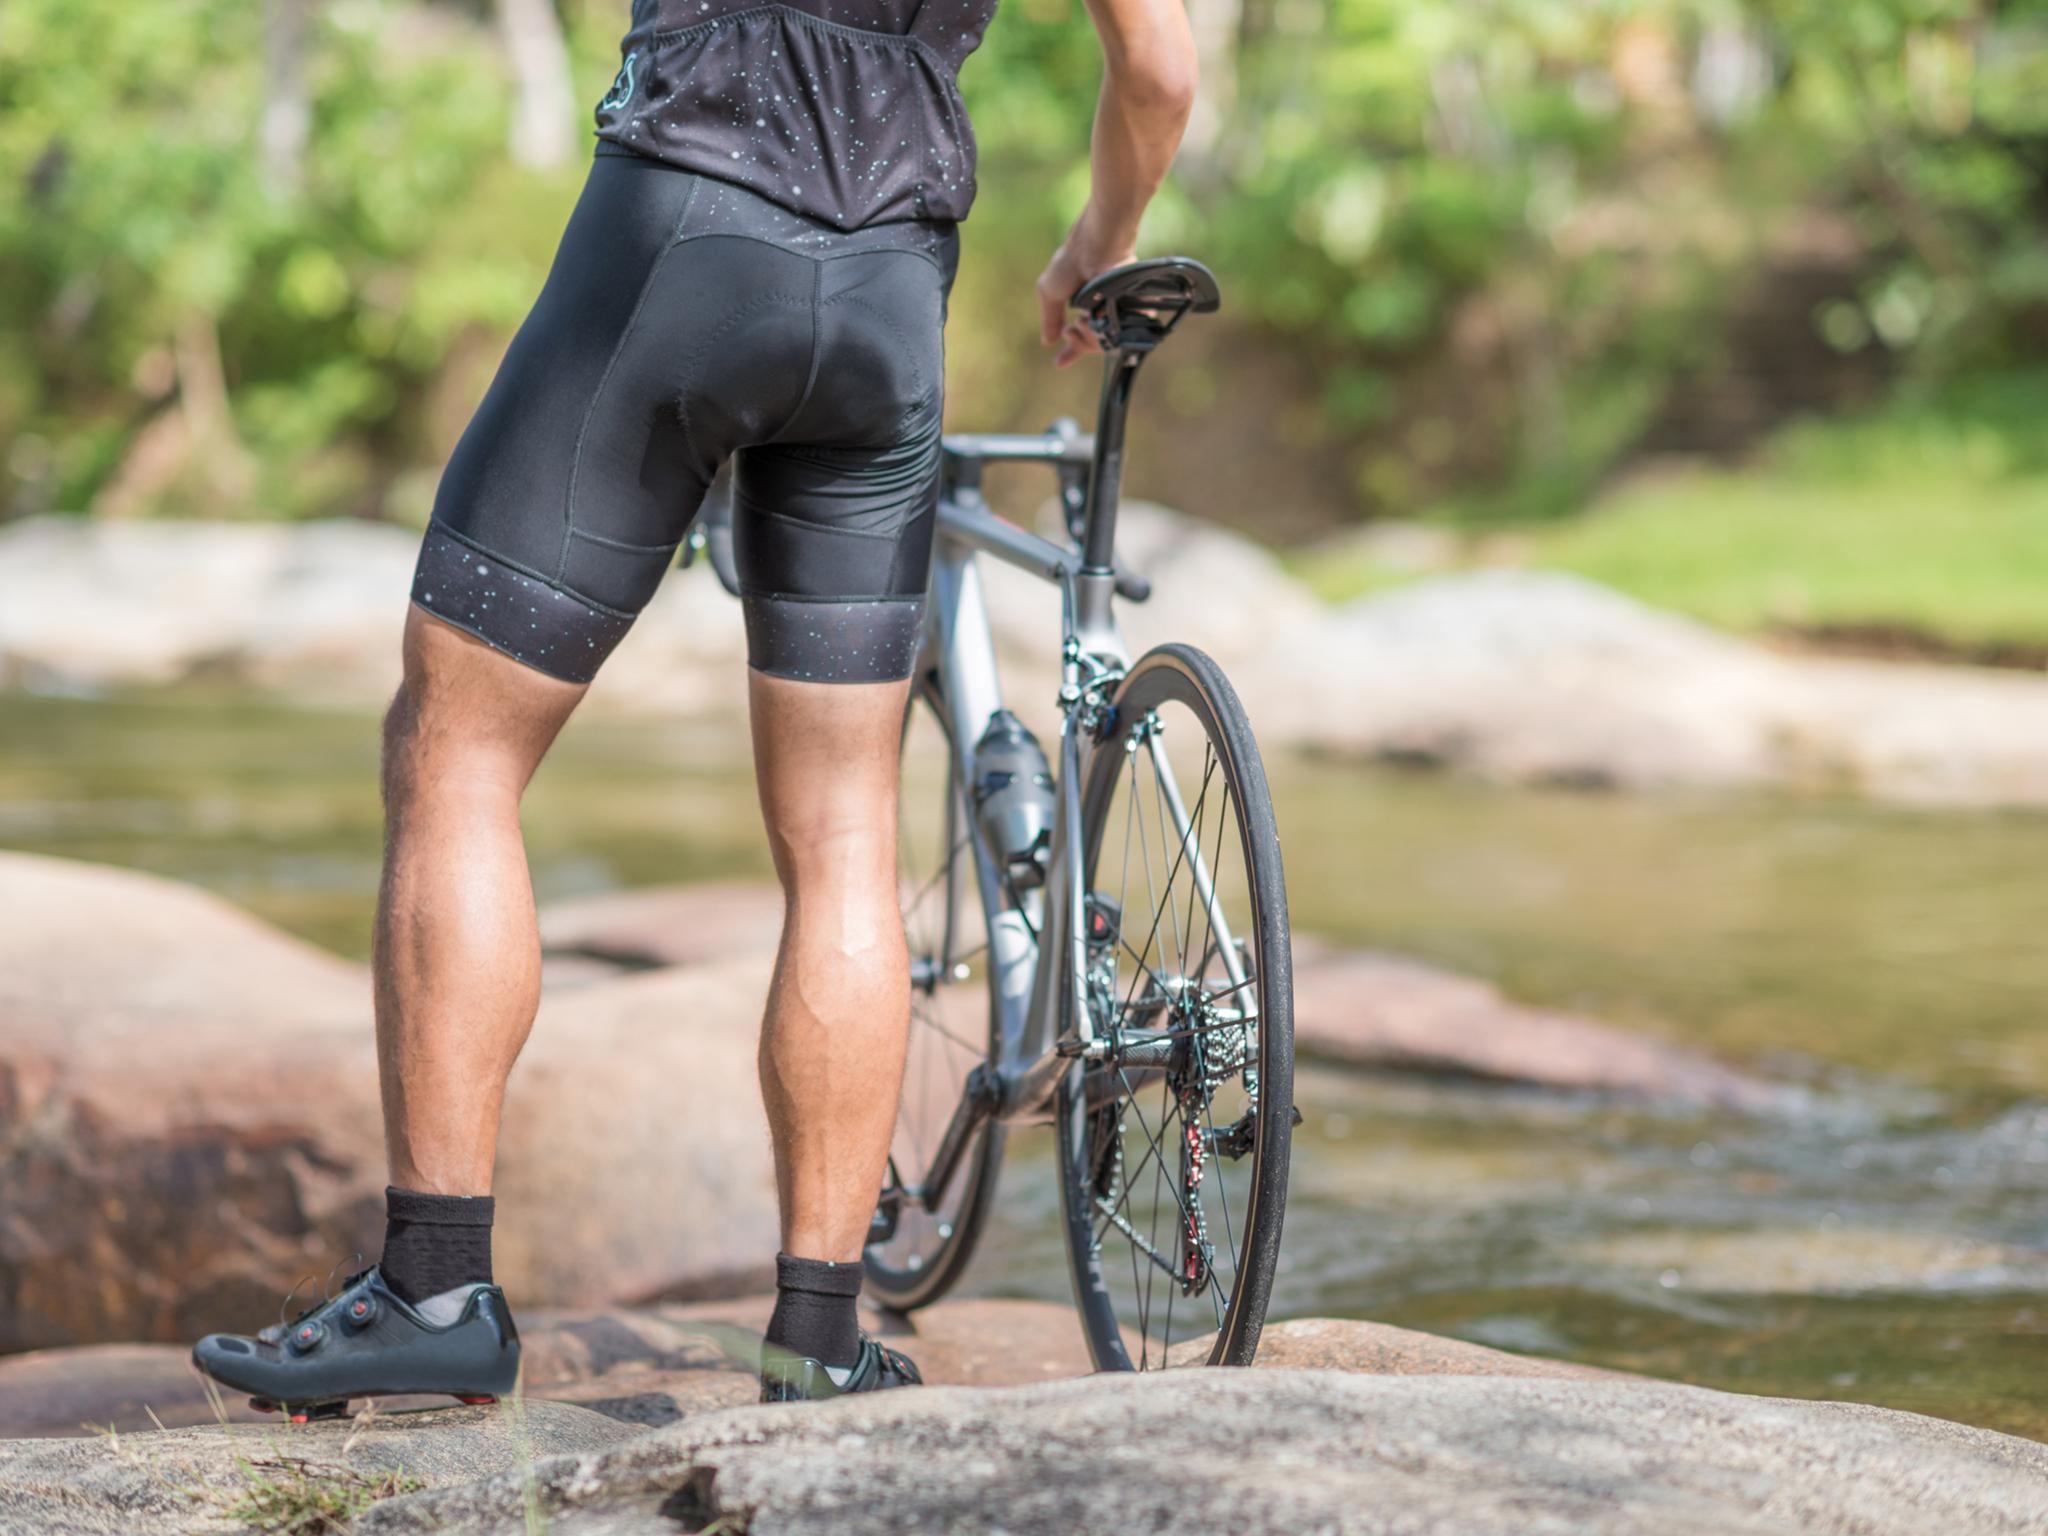 11 best bike storage accessories | The